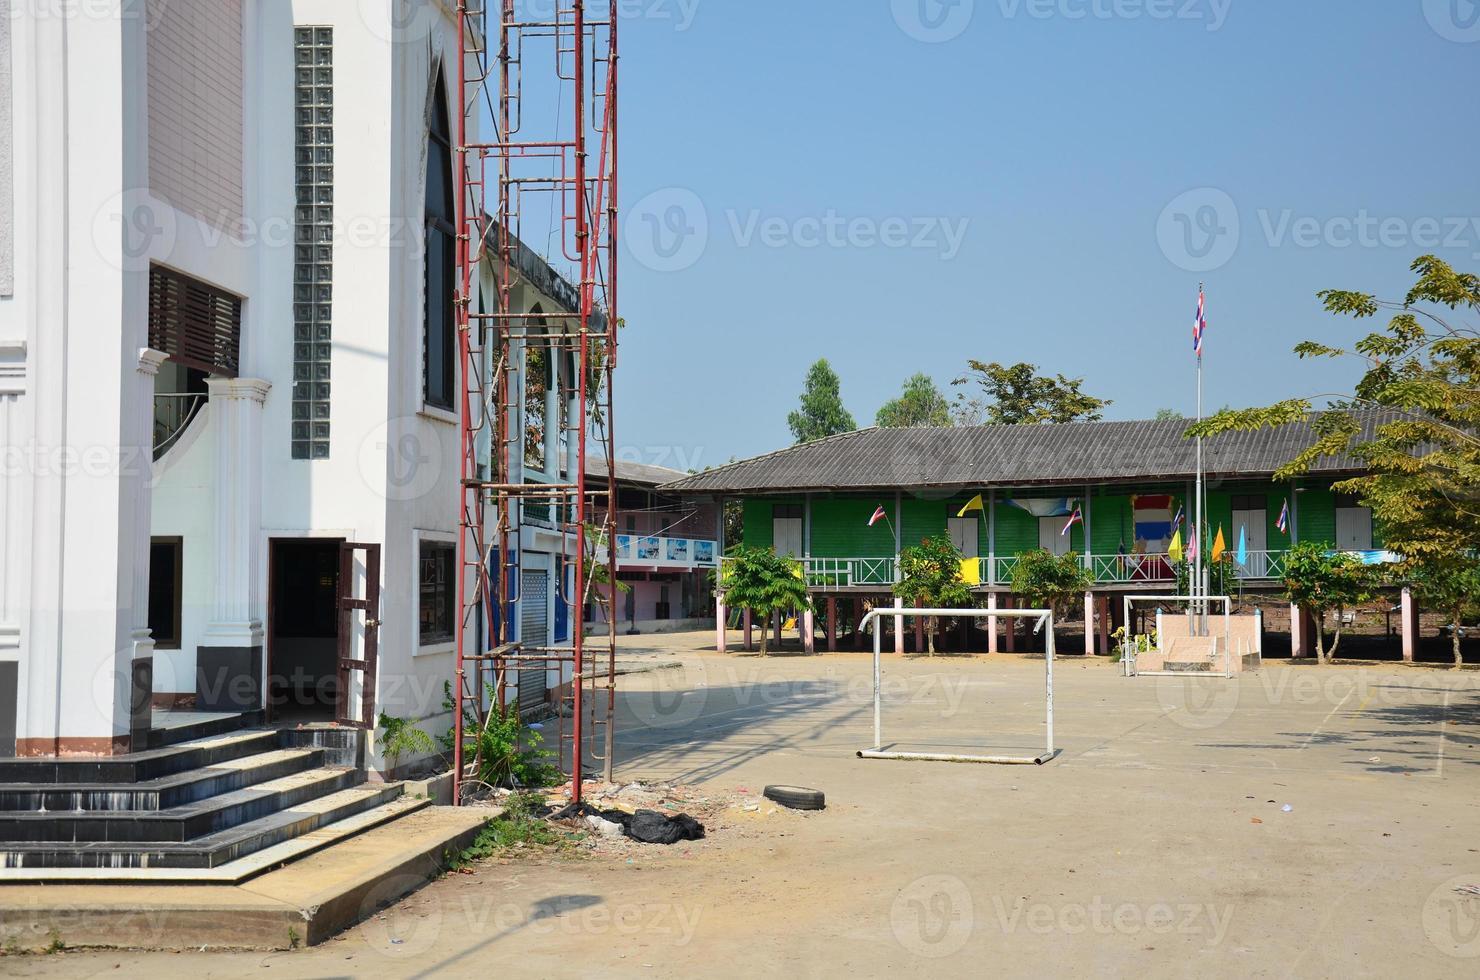 Bâtiment scolaire pour enfants à la campagne à Pathum Thani en Thaïlande photo